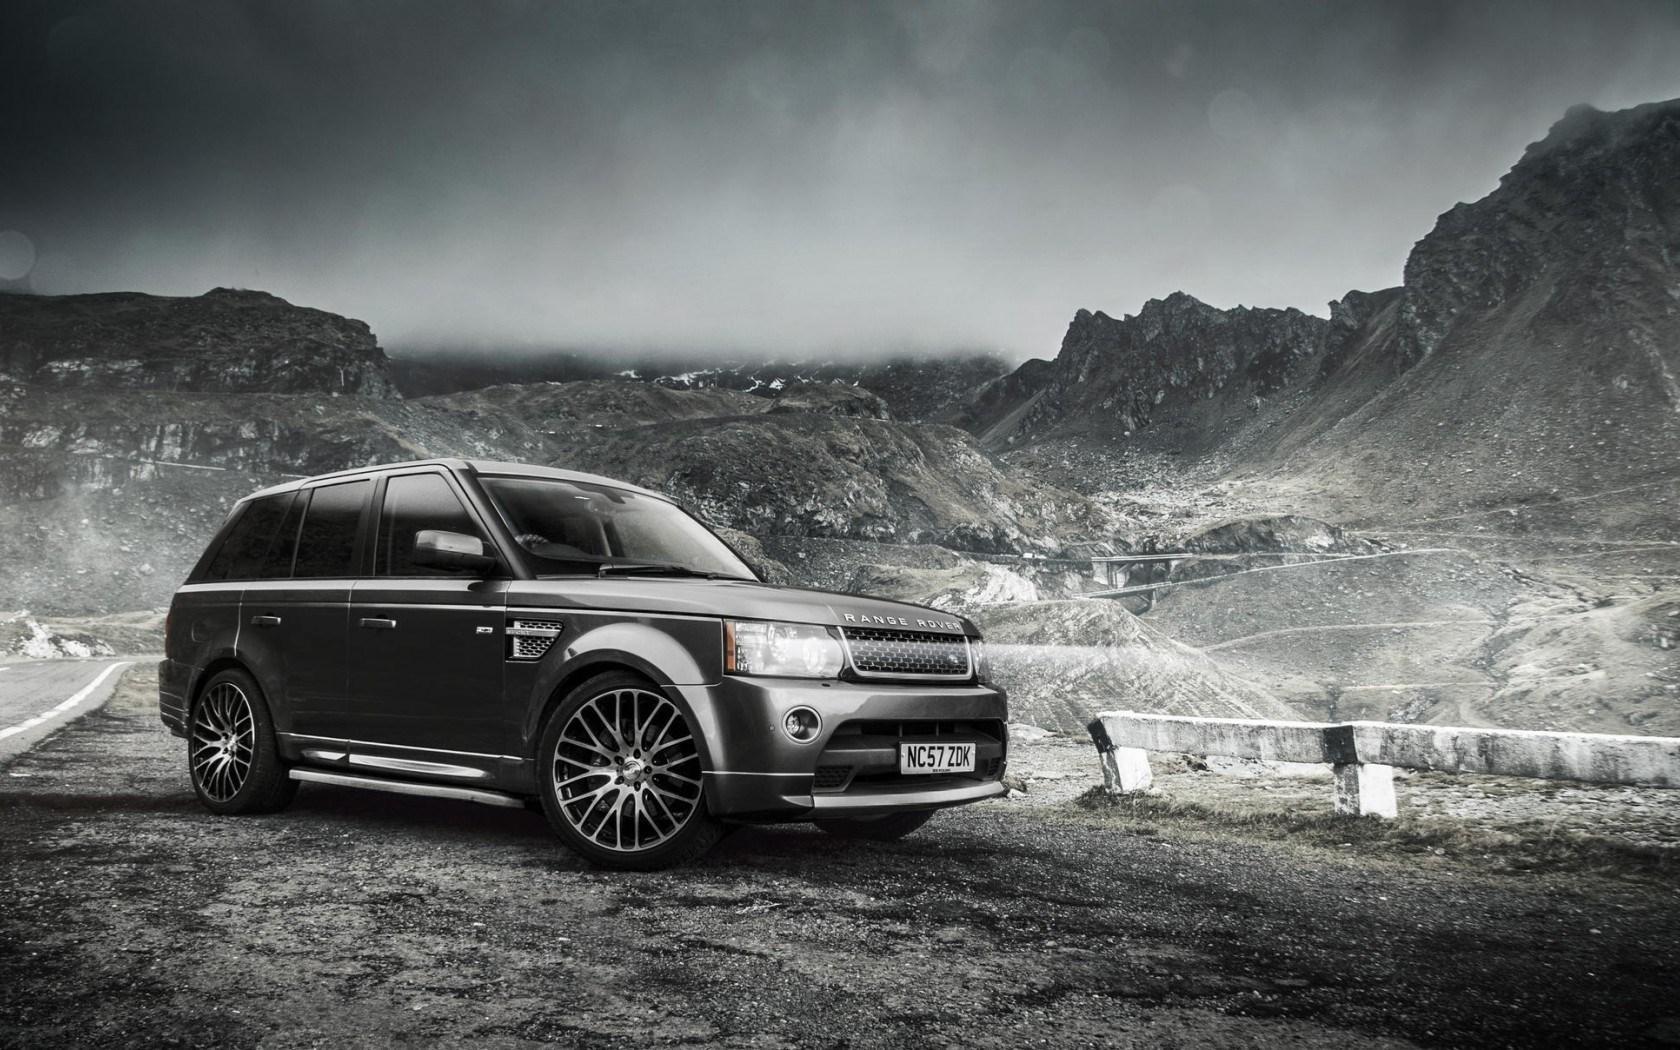 Range Rover Sport Black Wallpaper